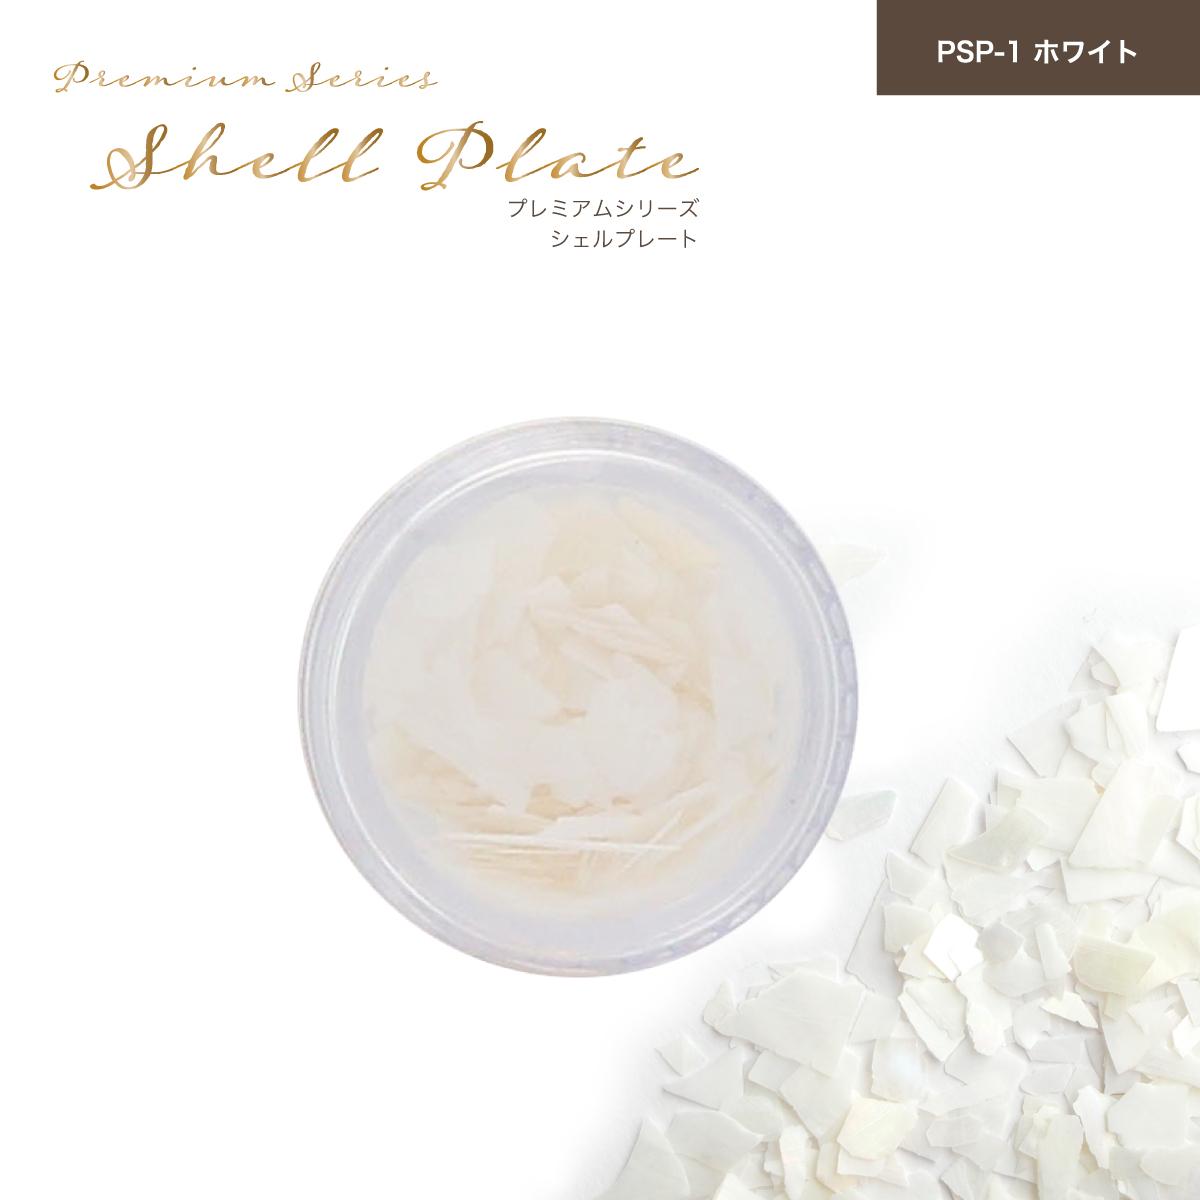 プレミアムシリーズ シェルプレート ホワイト(PSP-1)画像